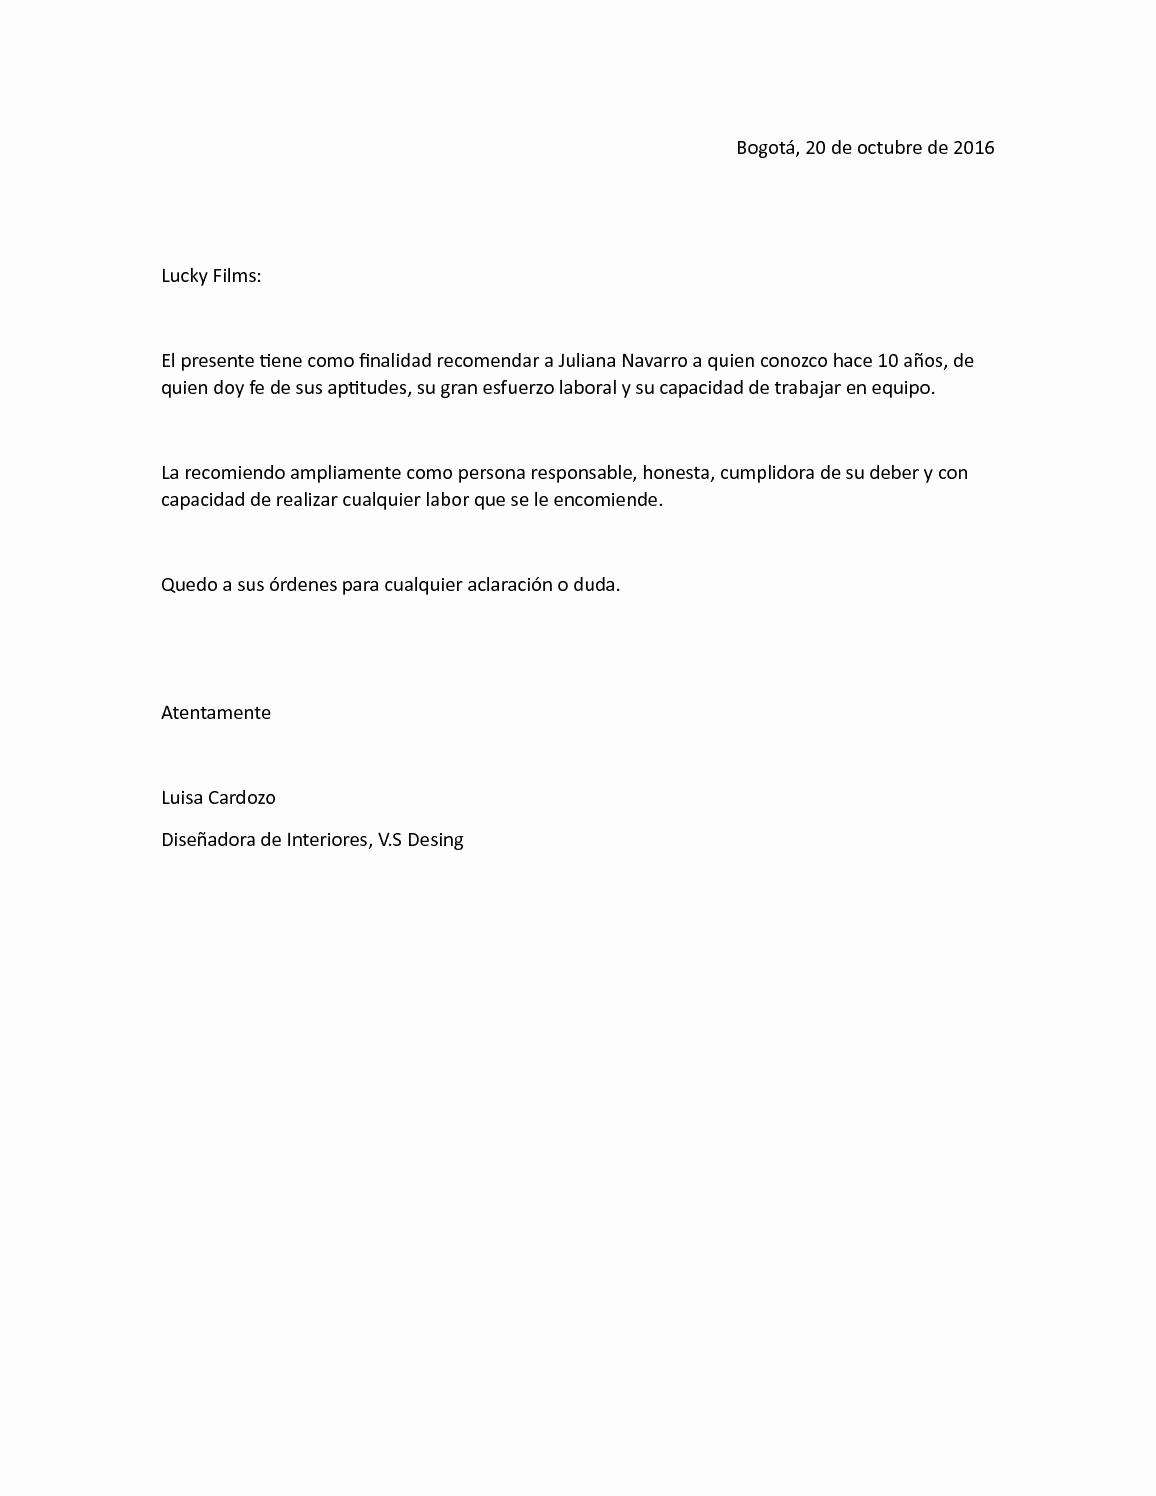 Ejemplo De Carta De Referencias Luxury Calaméo Ejemplo Carta De Re Endacion Personal